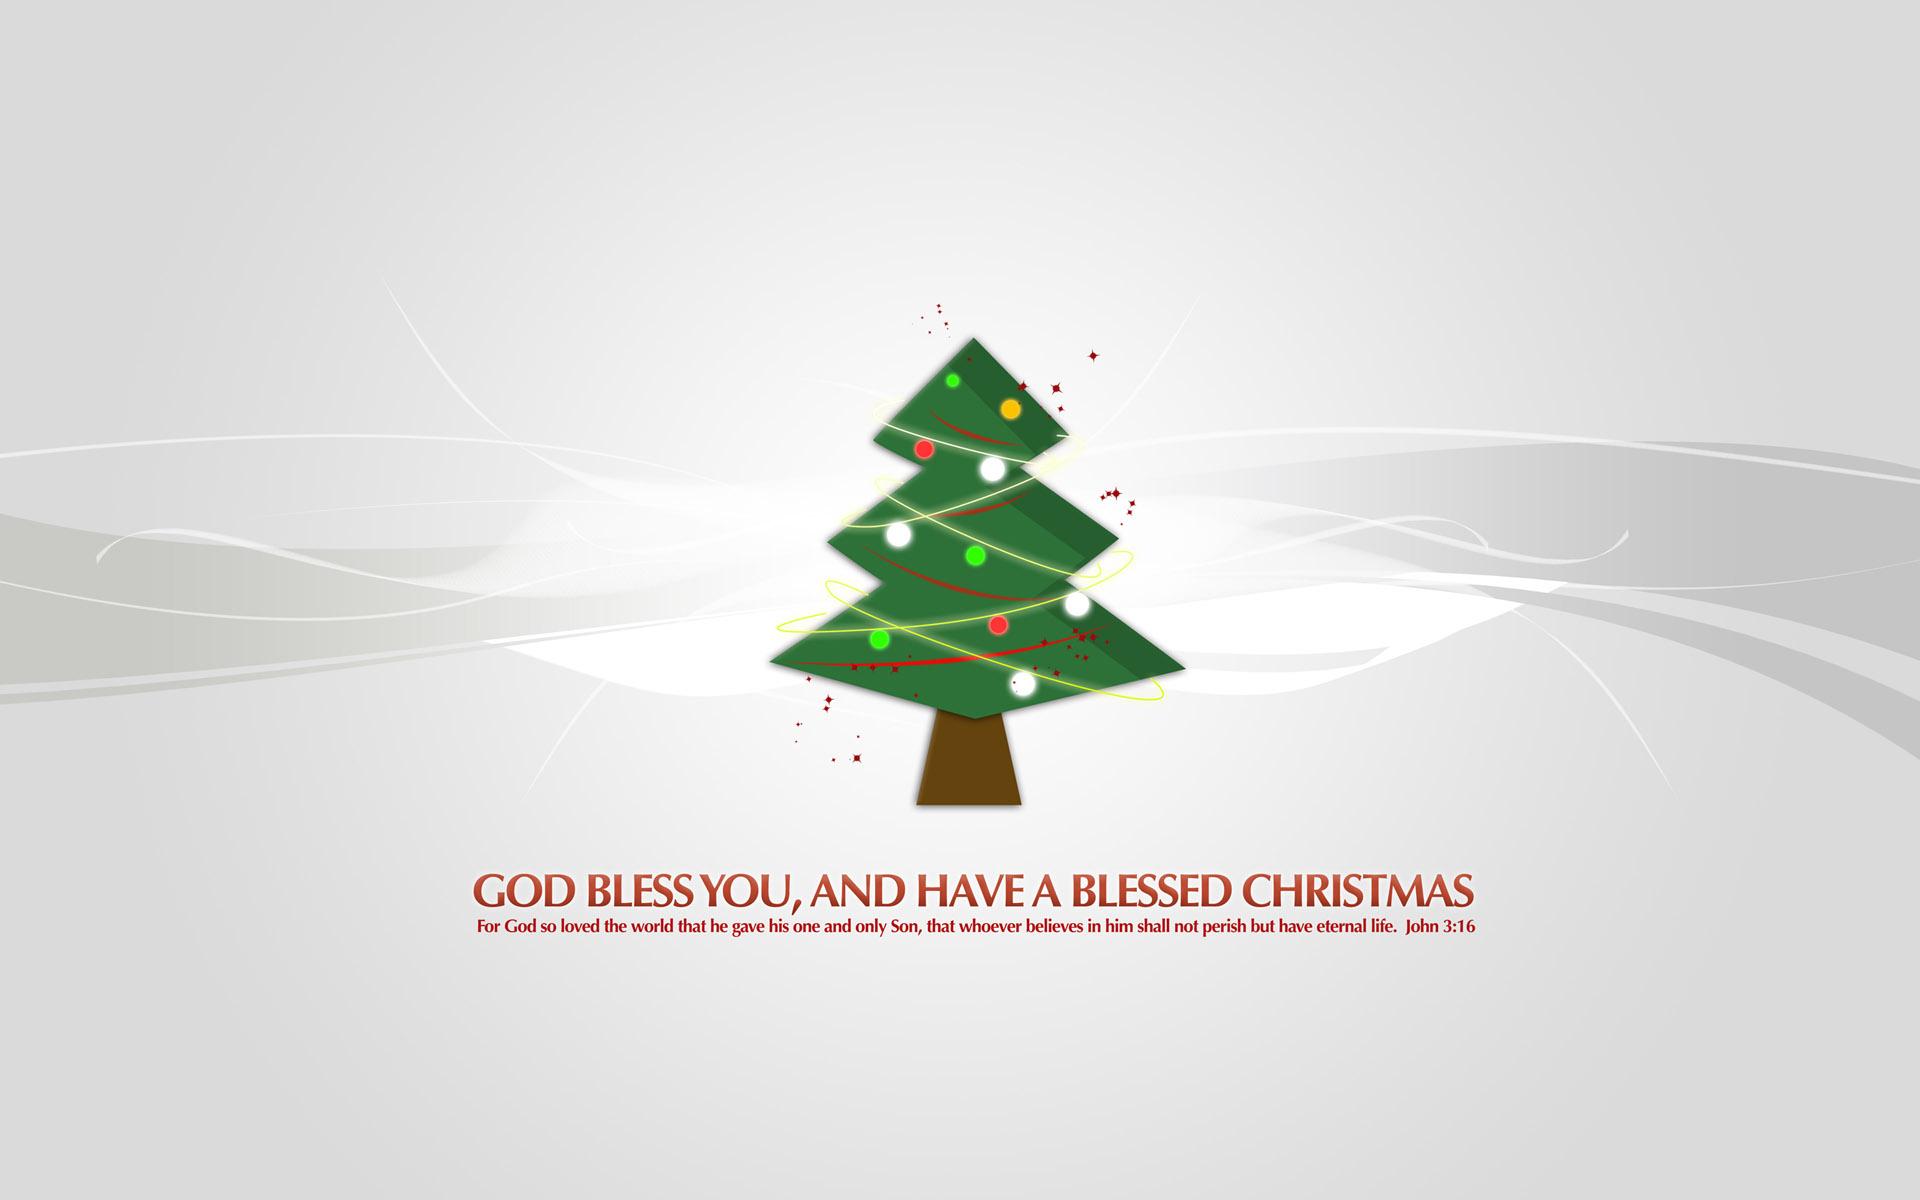 Christmas Tree God Bless You